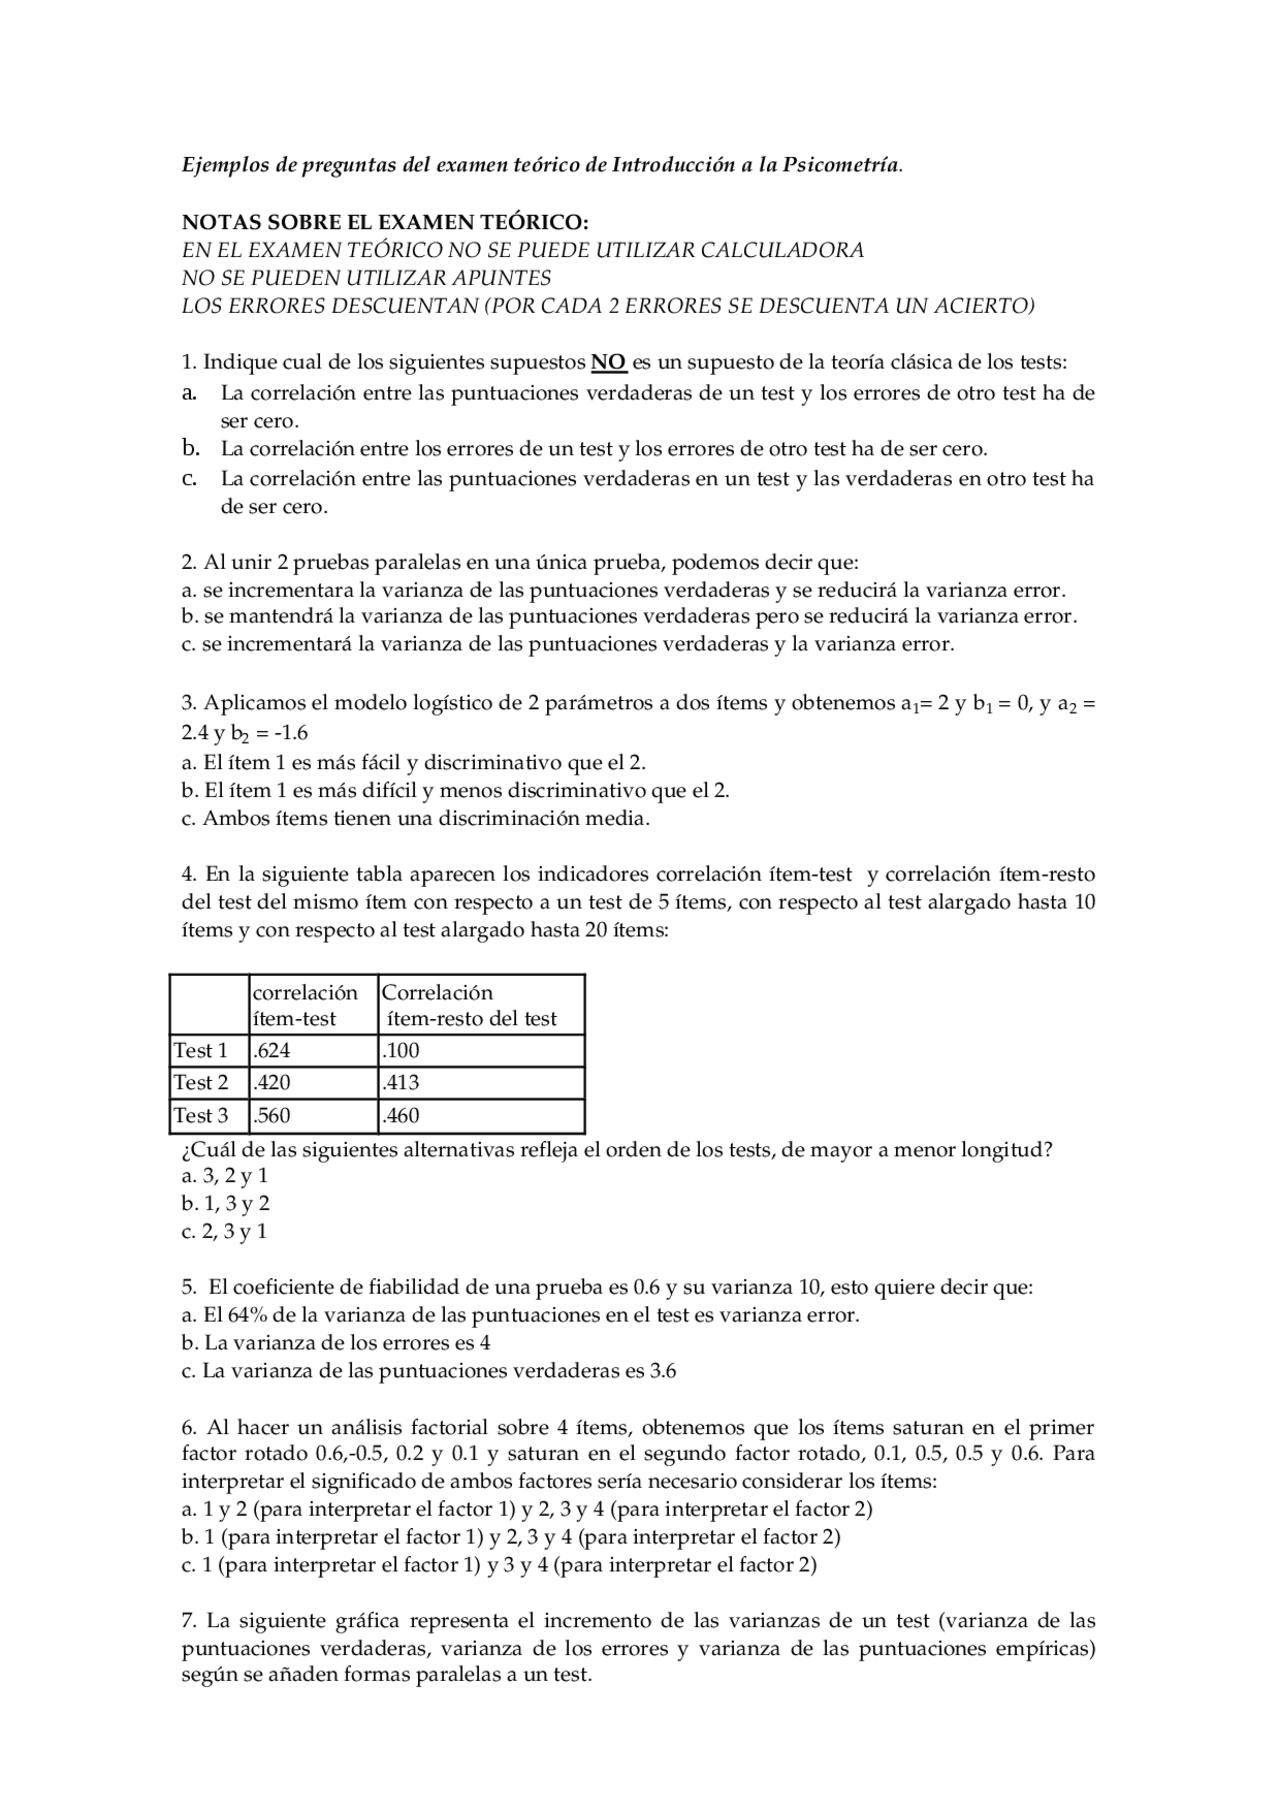 Ejemplos Preguntas Examen Psicometria Examenes De Psicologia Docsity